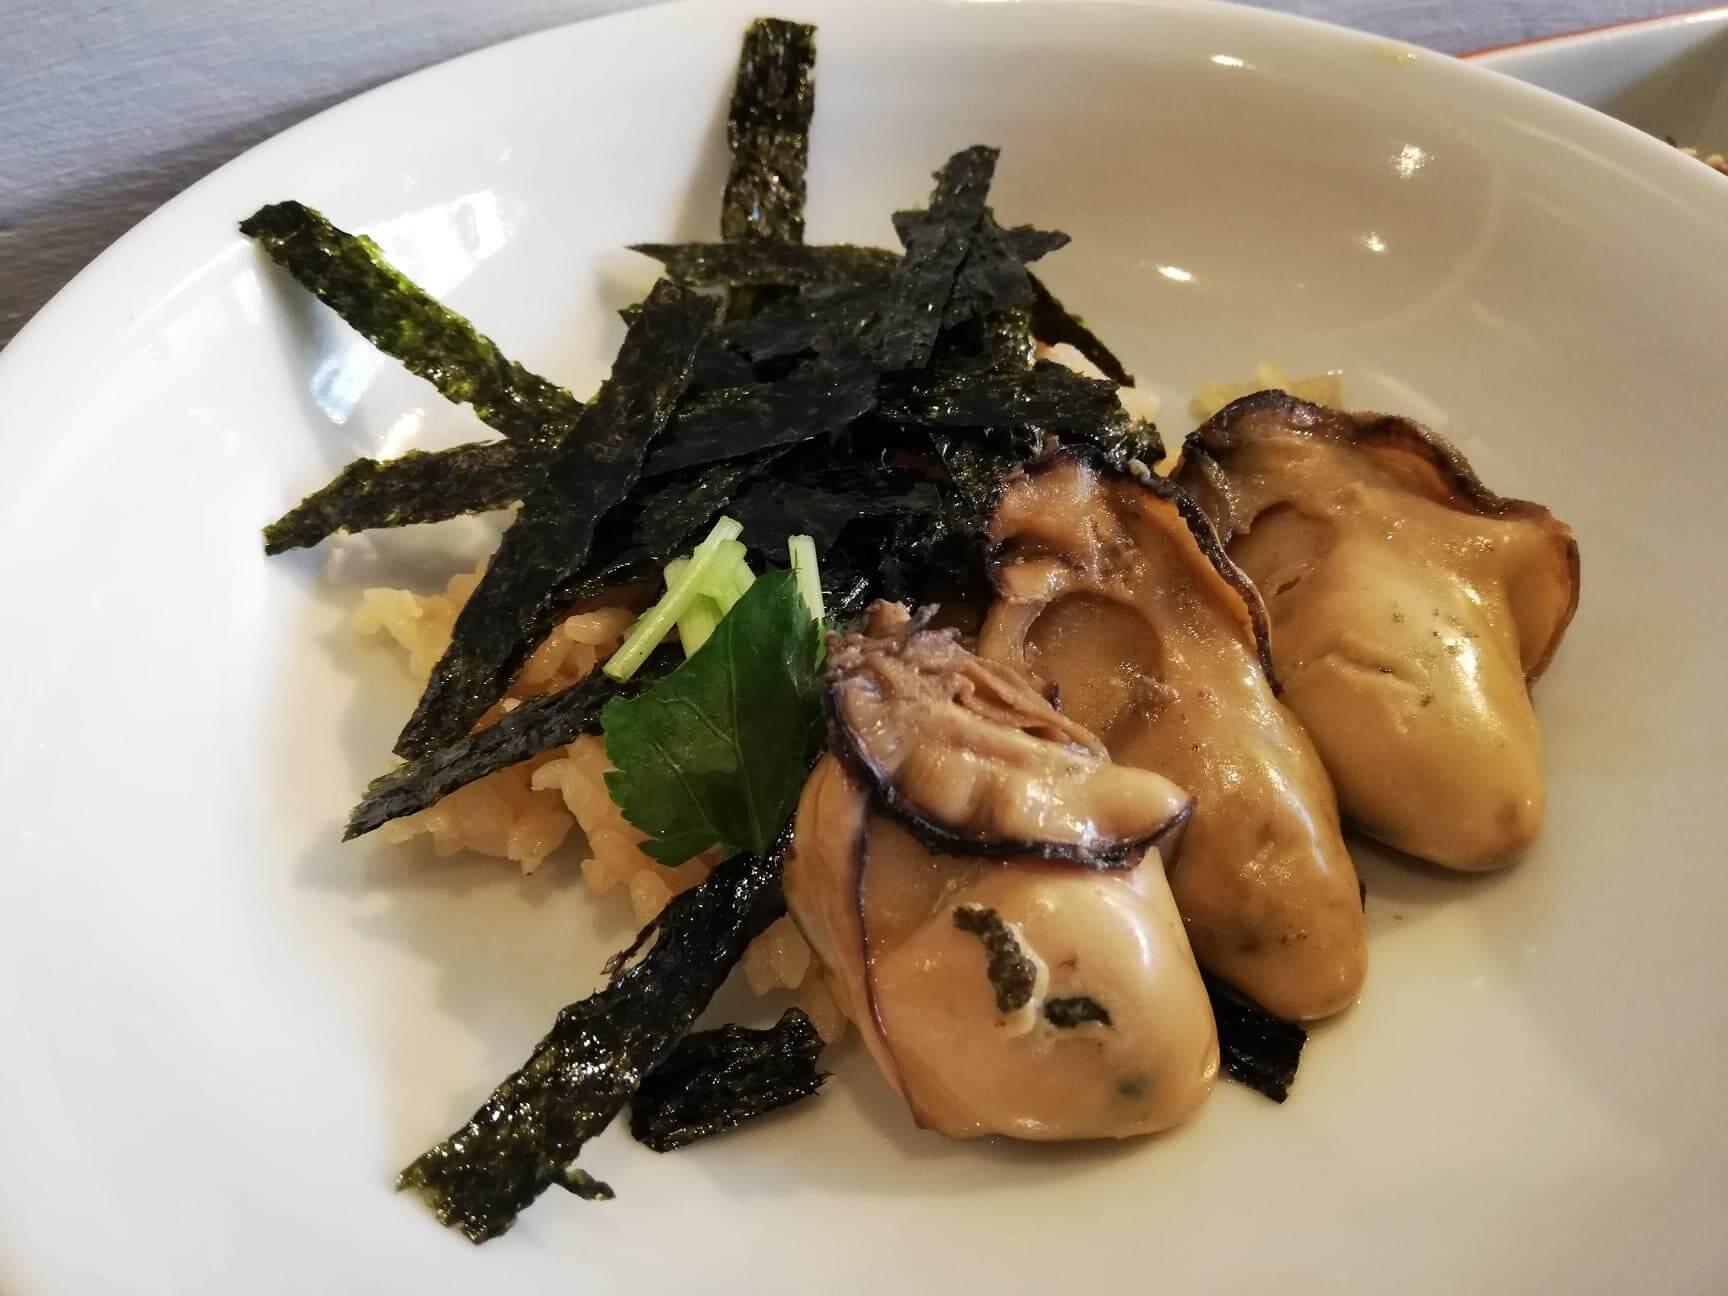 広島県宮島『牡蠣屋』の牡蠣めしの写真